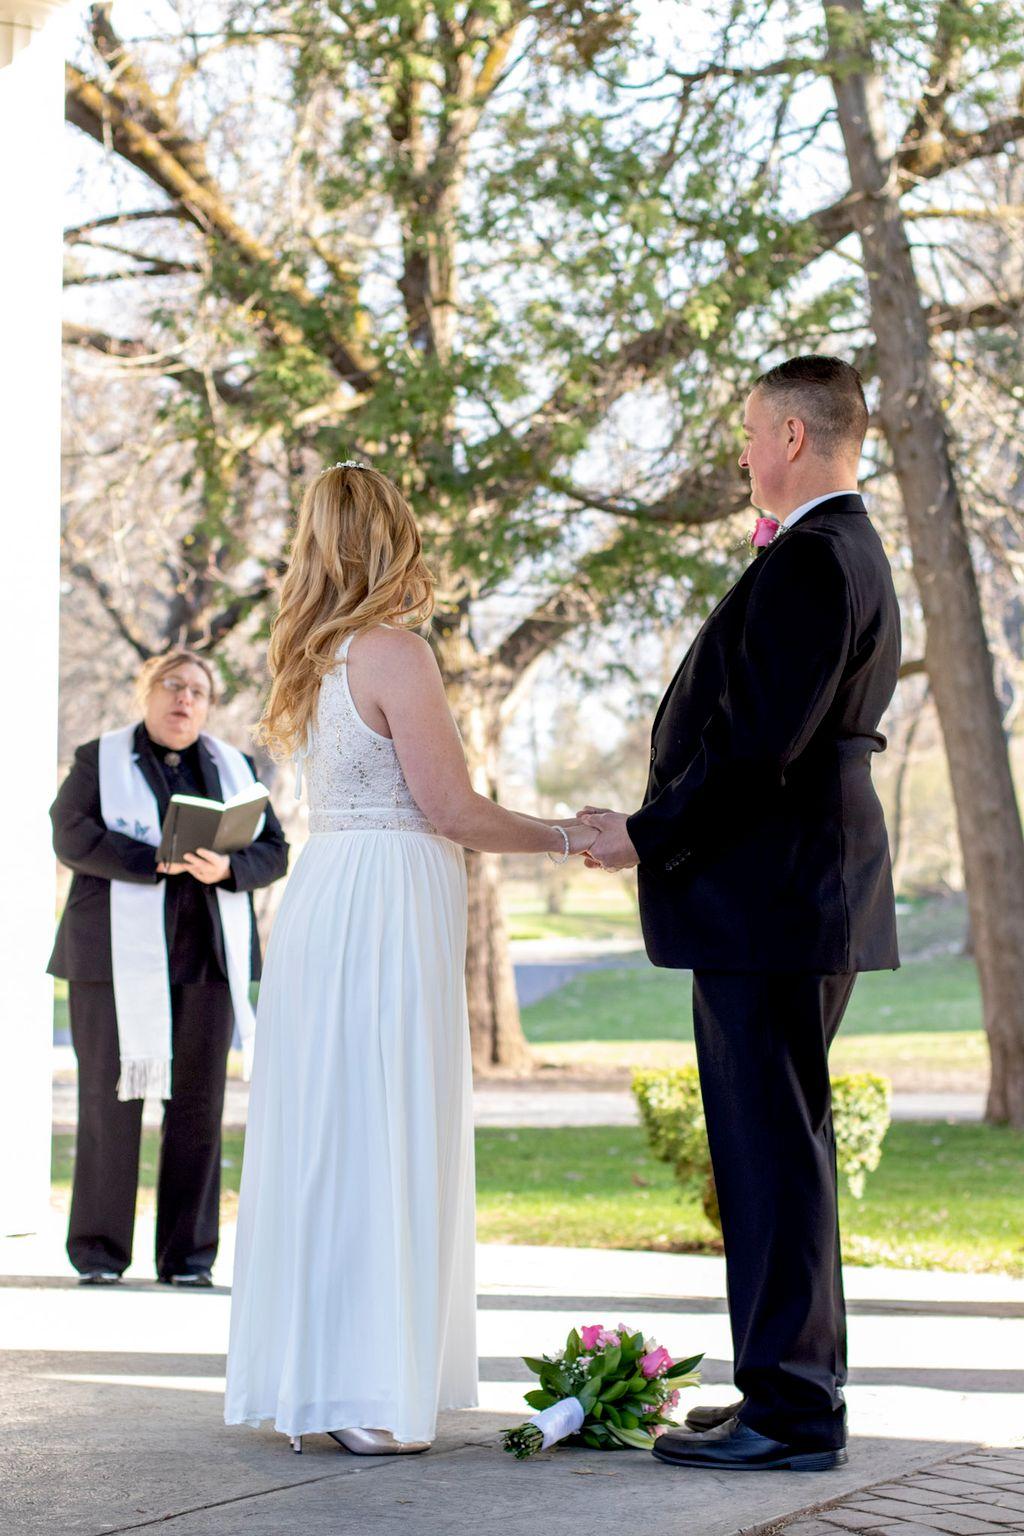 Wedding Officiant - Schenectady 2020